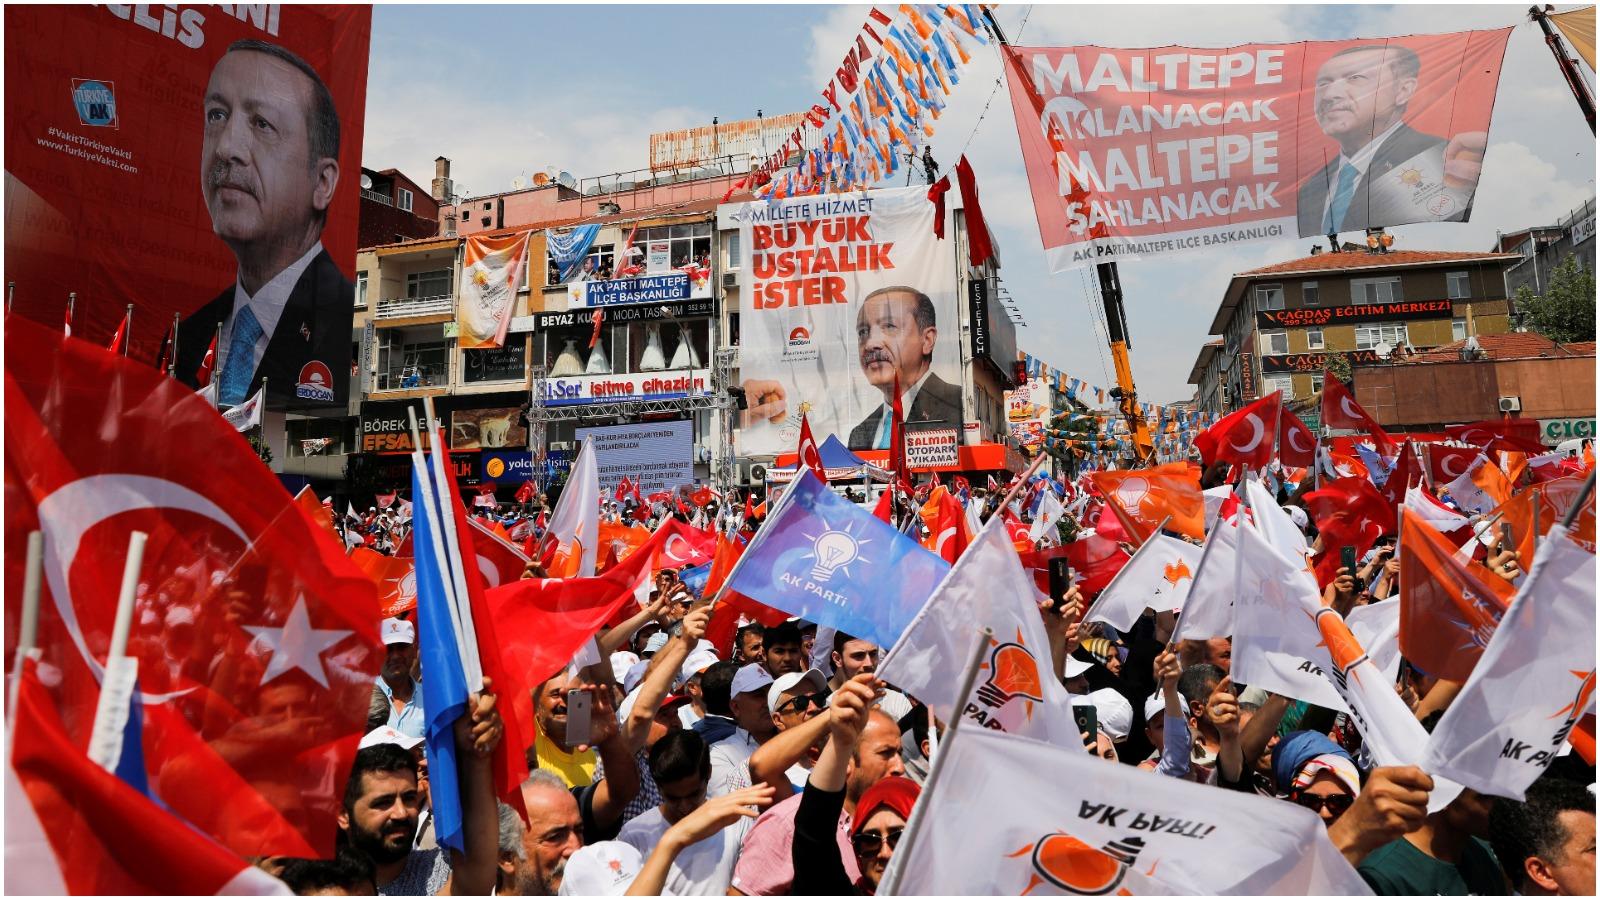 Professor Birgül Demirtas om Erdoğan efter valget: Hvis AKP vil fastholde støtte fra halvdelen af befolkningen, har Tyrkiet brug for økonomisk vækst